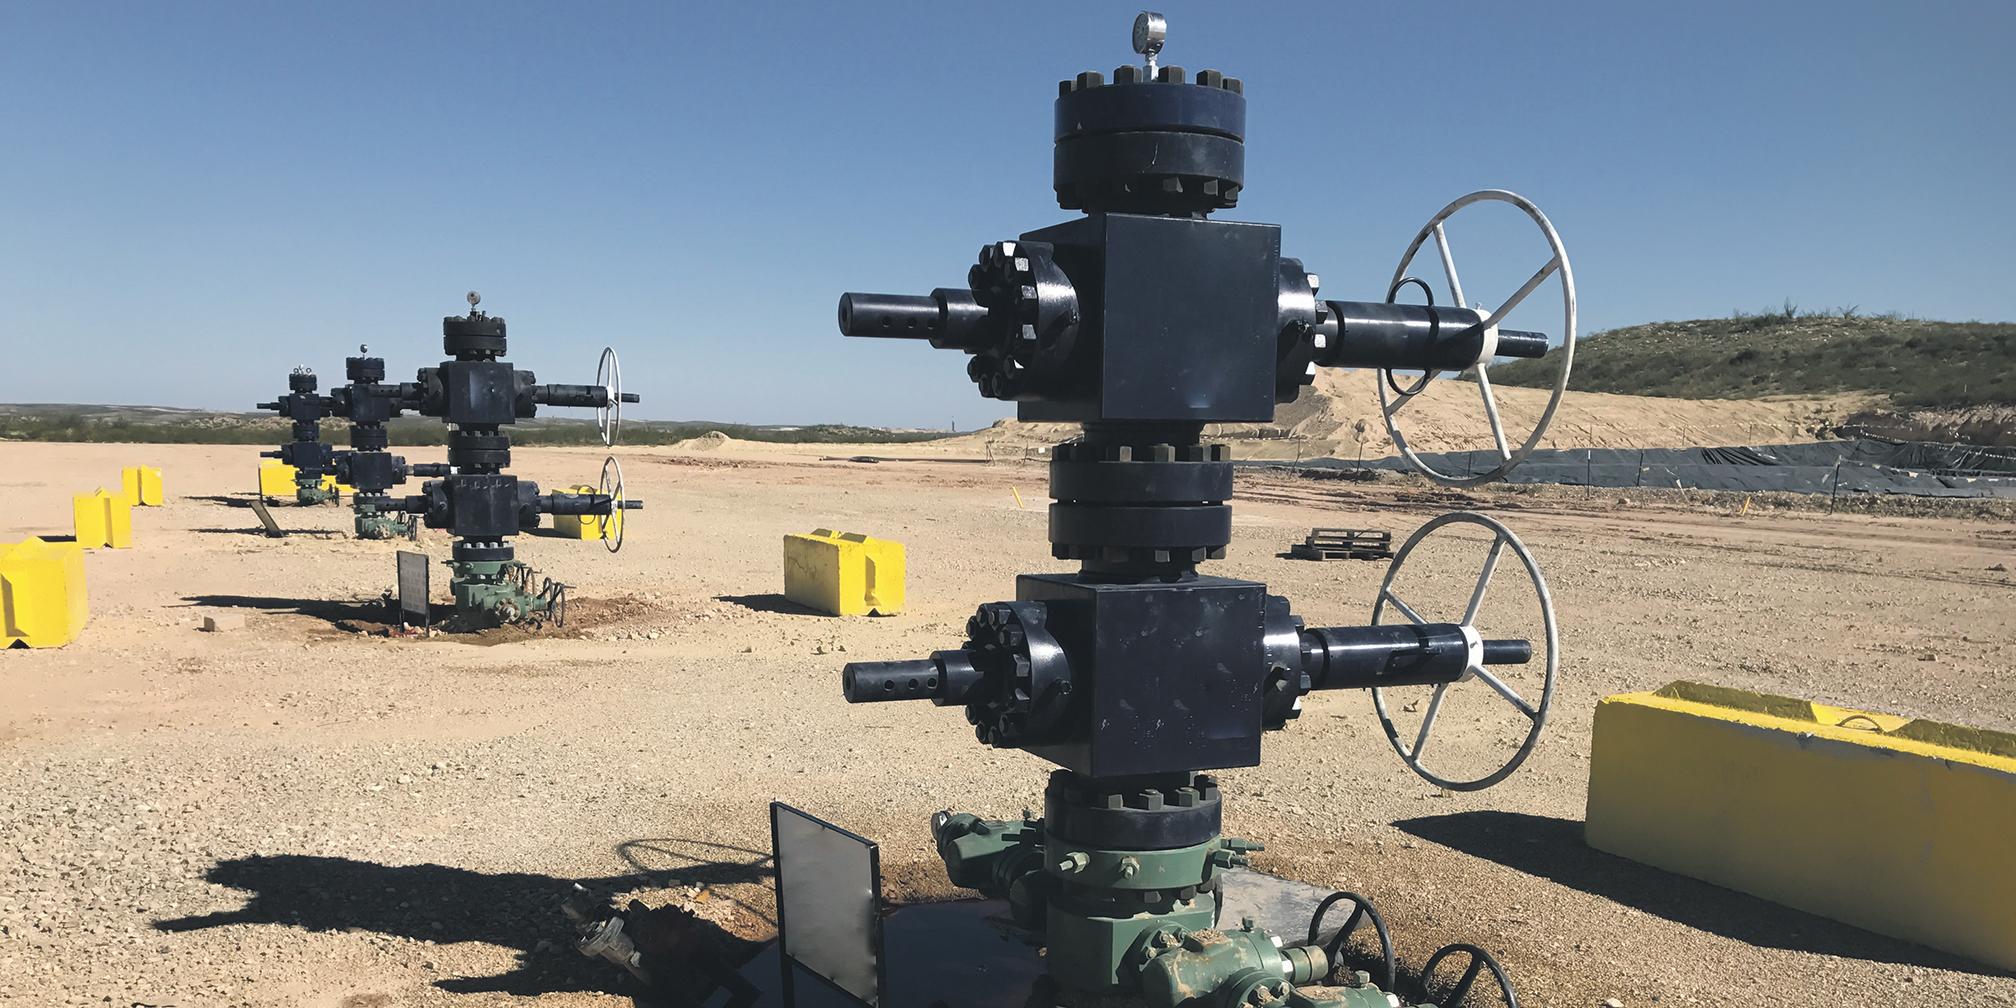 petrole-puits-h310-p-24-texas-nouveau-mexique-schiste